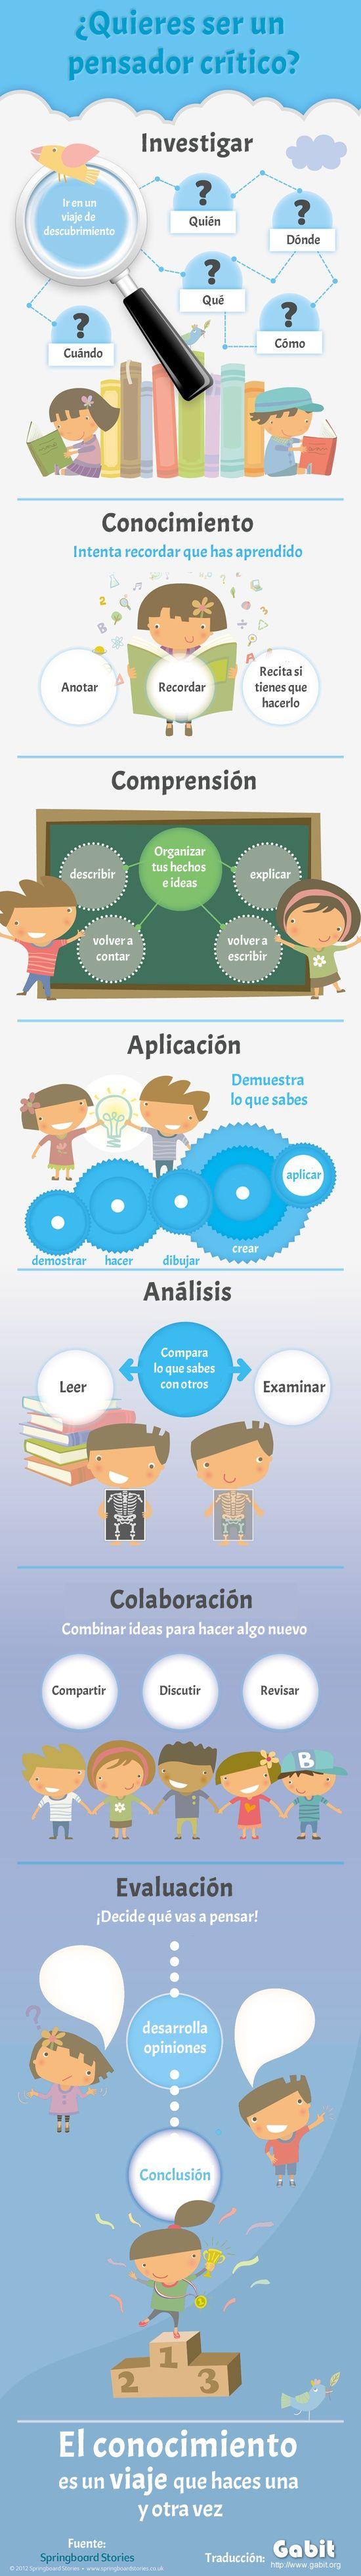 Infografía ¿Queres ser un pensador crítico?